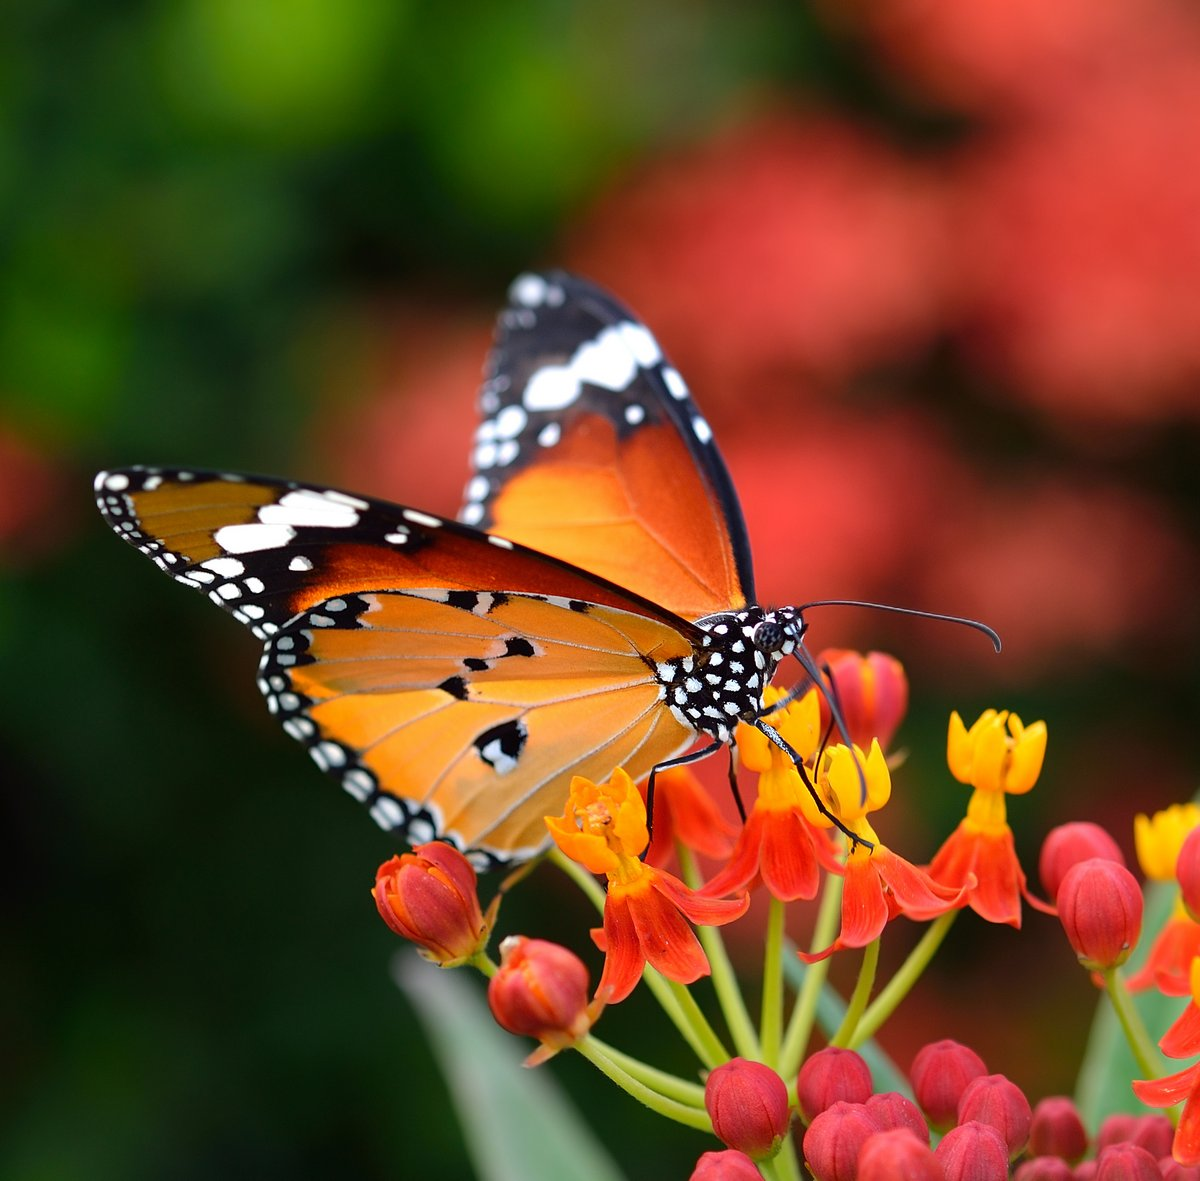 Постер-картина Бабочки Бабочка на оранжевый цветок в садуБабочки<br>Постер на холсте или бумаге. Любого нужного вам размера. В раме или без. Подвес в комплекте. Трехслойная надежная упаковка. Доставим в любую точку России. Вам осталось только повесить картину на стену!<br>